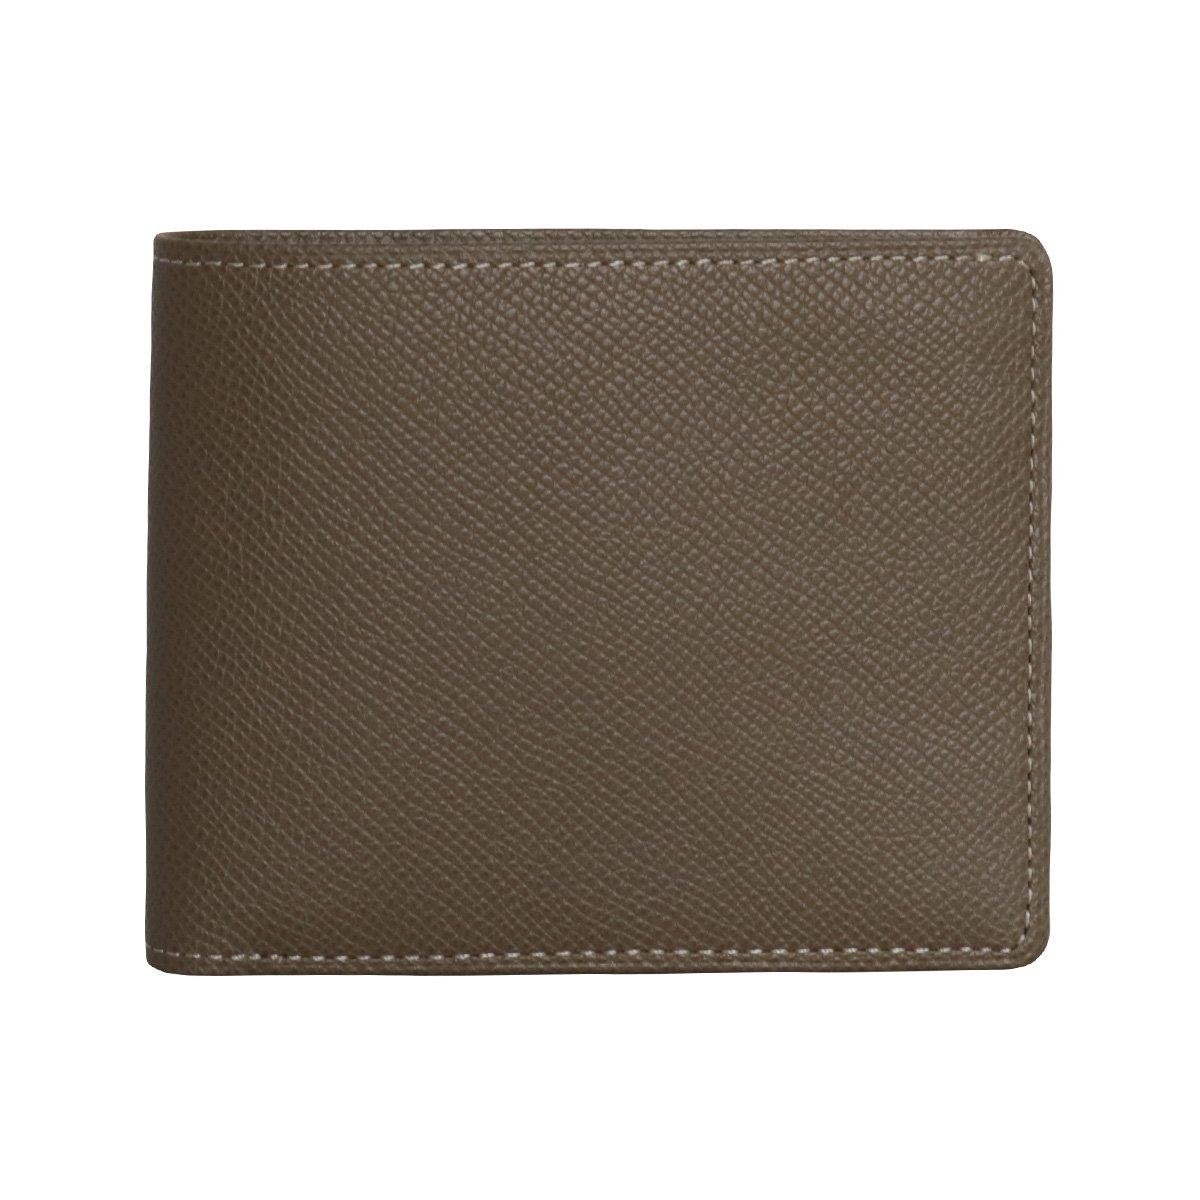 [ミカド] 二つ折り財布 ワープロラックス B07D2YK65T 【07】トープ